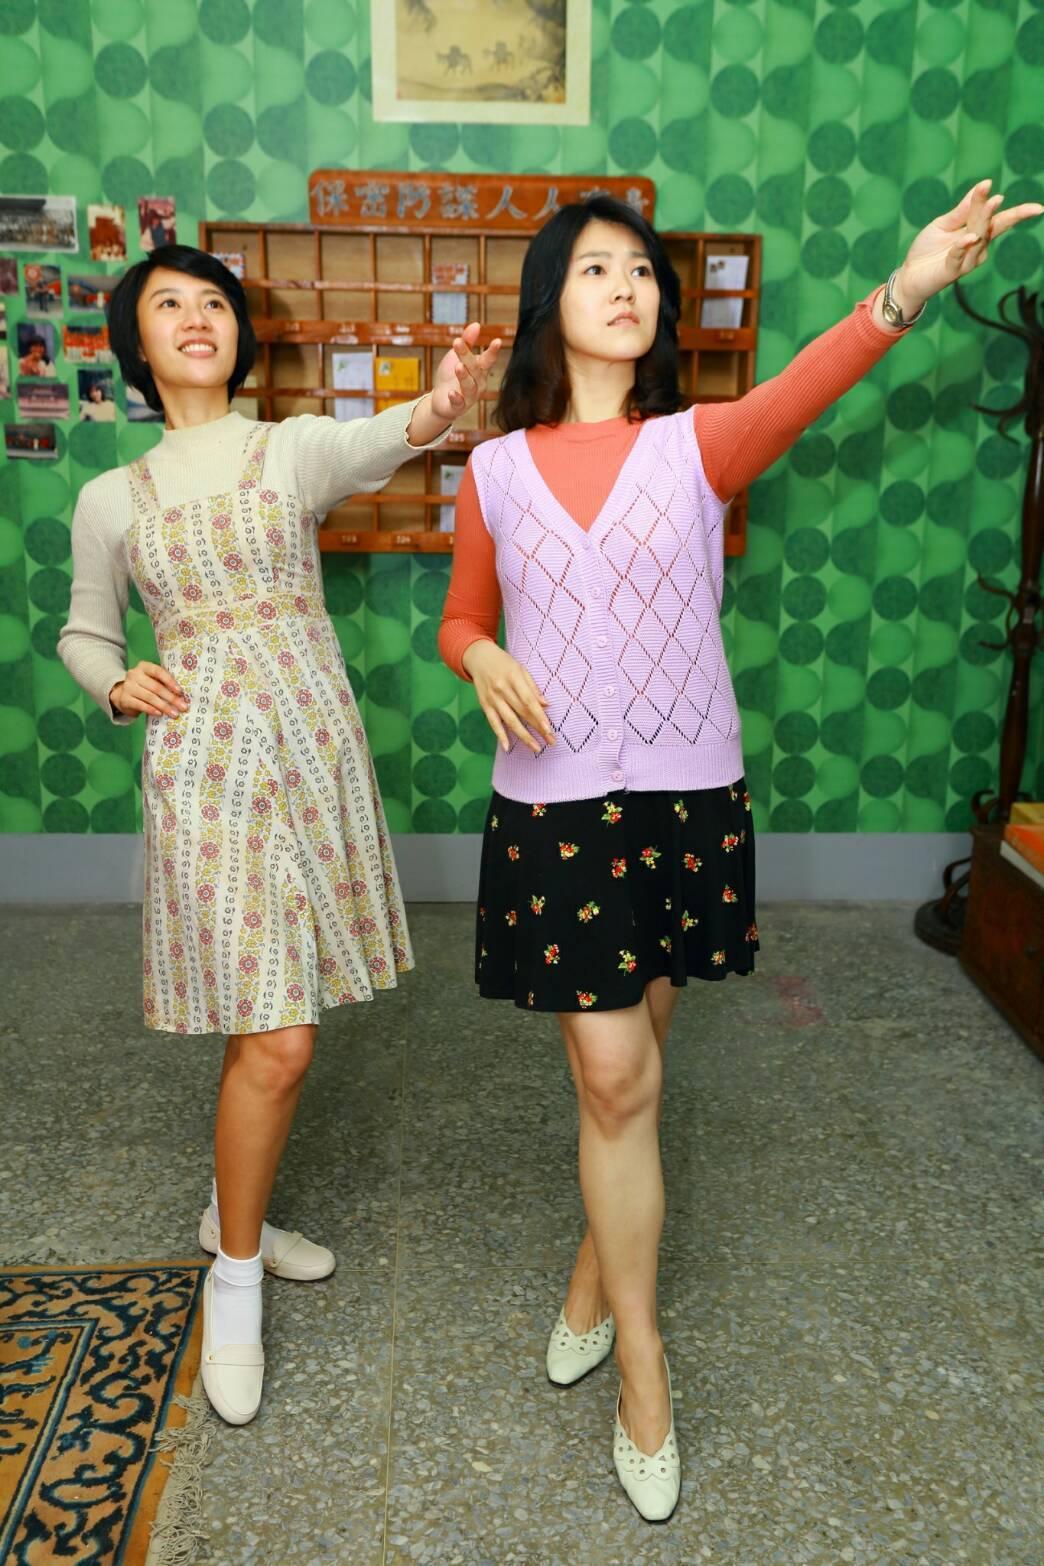 方宥心(左)、曹雅雯演出「外鄉女」,應導演要求擺出70年代姿勢。圖/民視提供